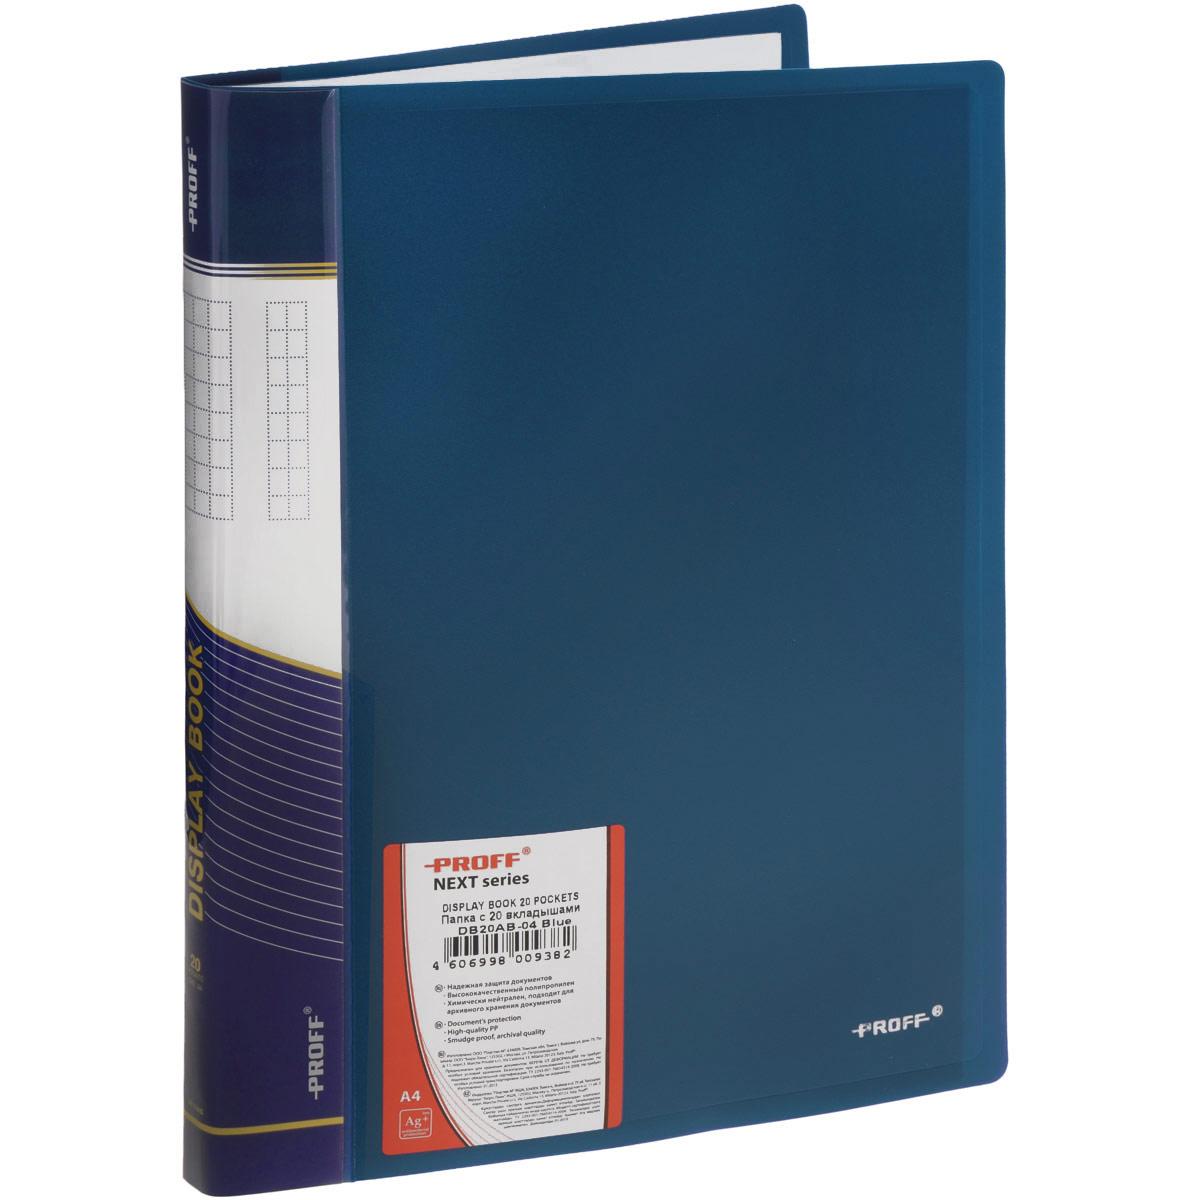 Proff Папка с файлами Next 20 листов цвет синийDB20AB-04Папка с файлами Proff Next - это удобный и практичный офисный инструмент, предназначенный для хранения и транспортировки рабочих бумаг и документов формата А4. Обложка выполнена из плотного полипропилена. Папка включает в себя 20 прозрачных файлов формата А4. Папка с файлами - это незаменимый атрибут для студента, школьника, офисного работника. Такая папка надежно сохранит ваши документы и сбережет их от повреждений, пыли и влаги.